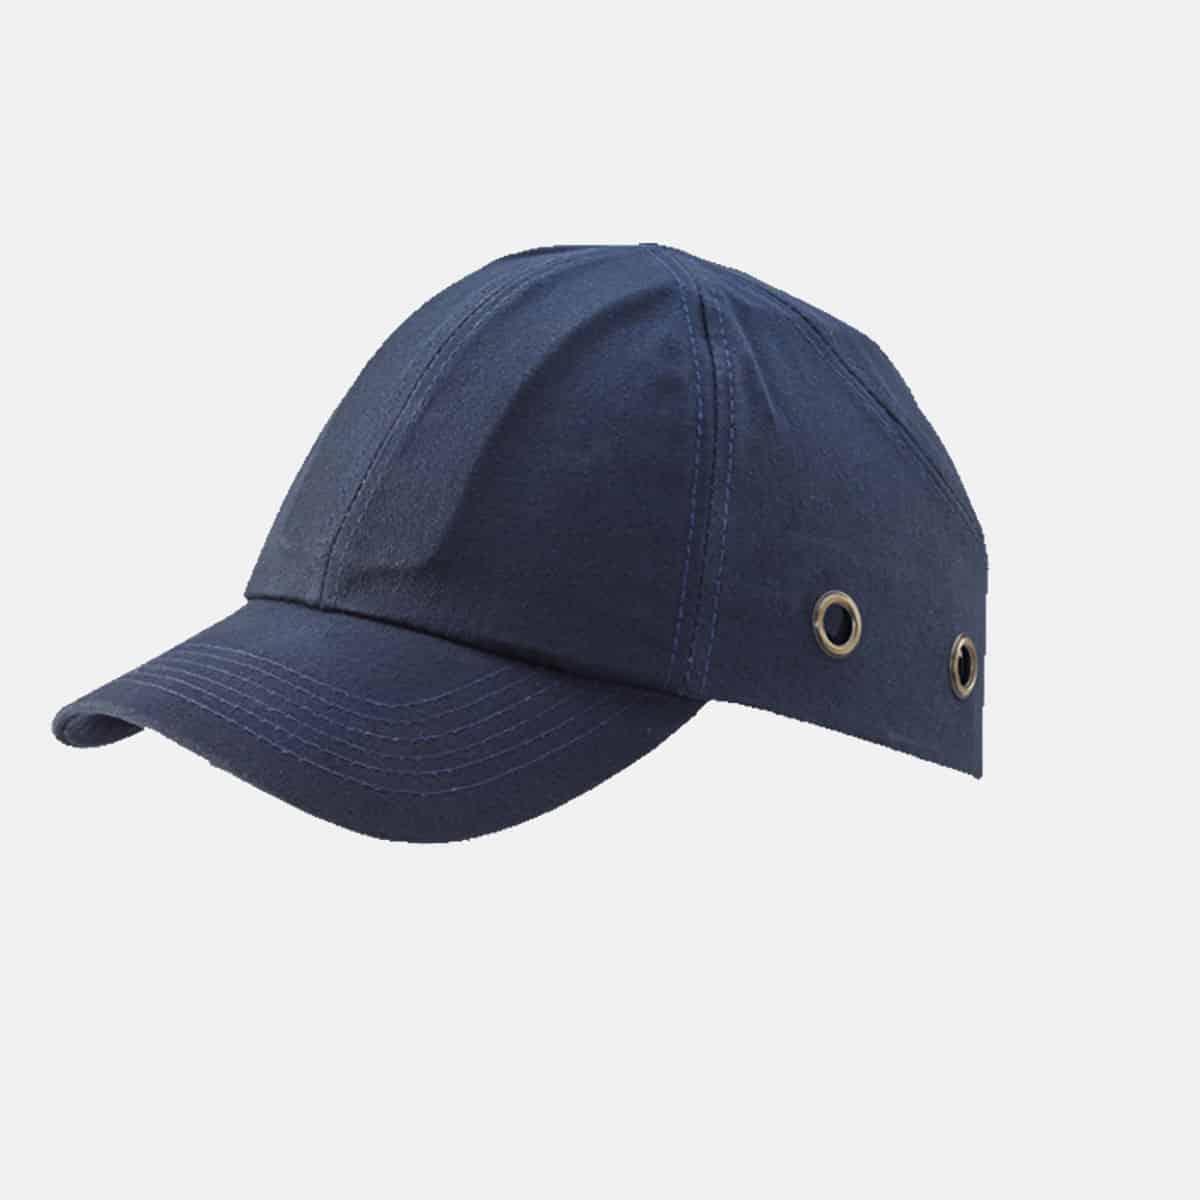 Bseen Safety Baseball Bump Cap Navy Blue